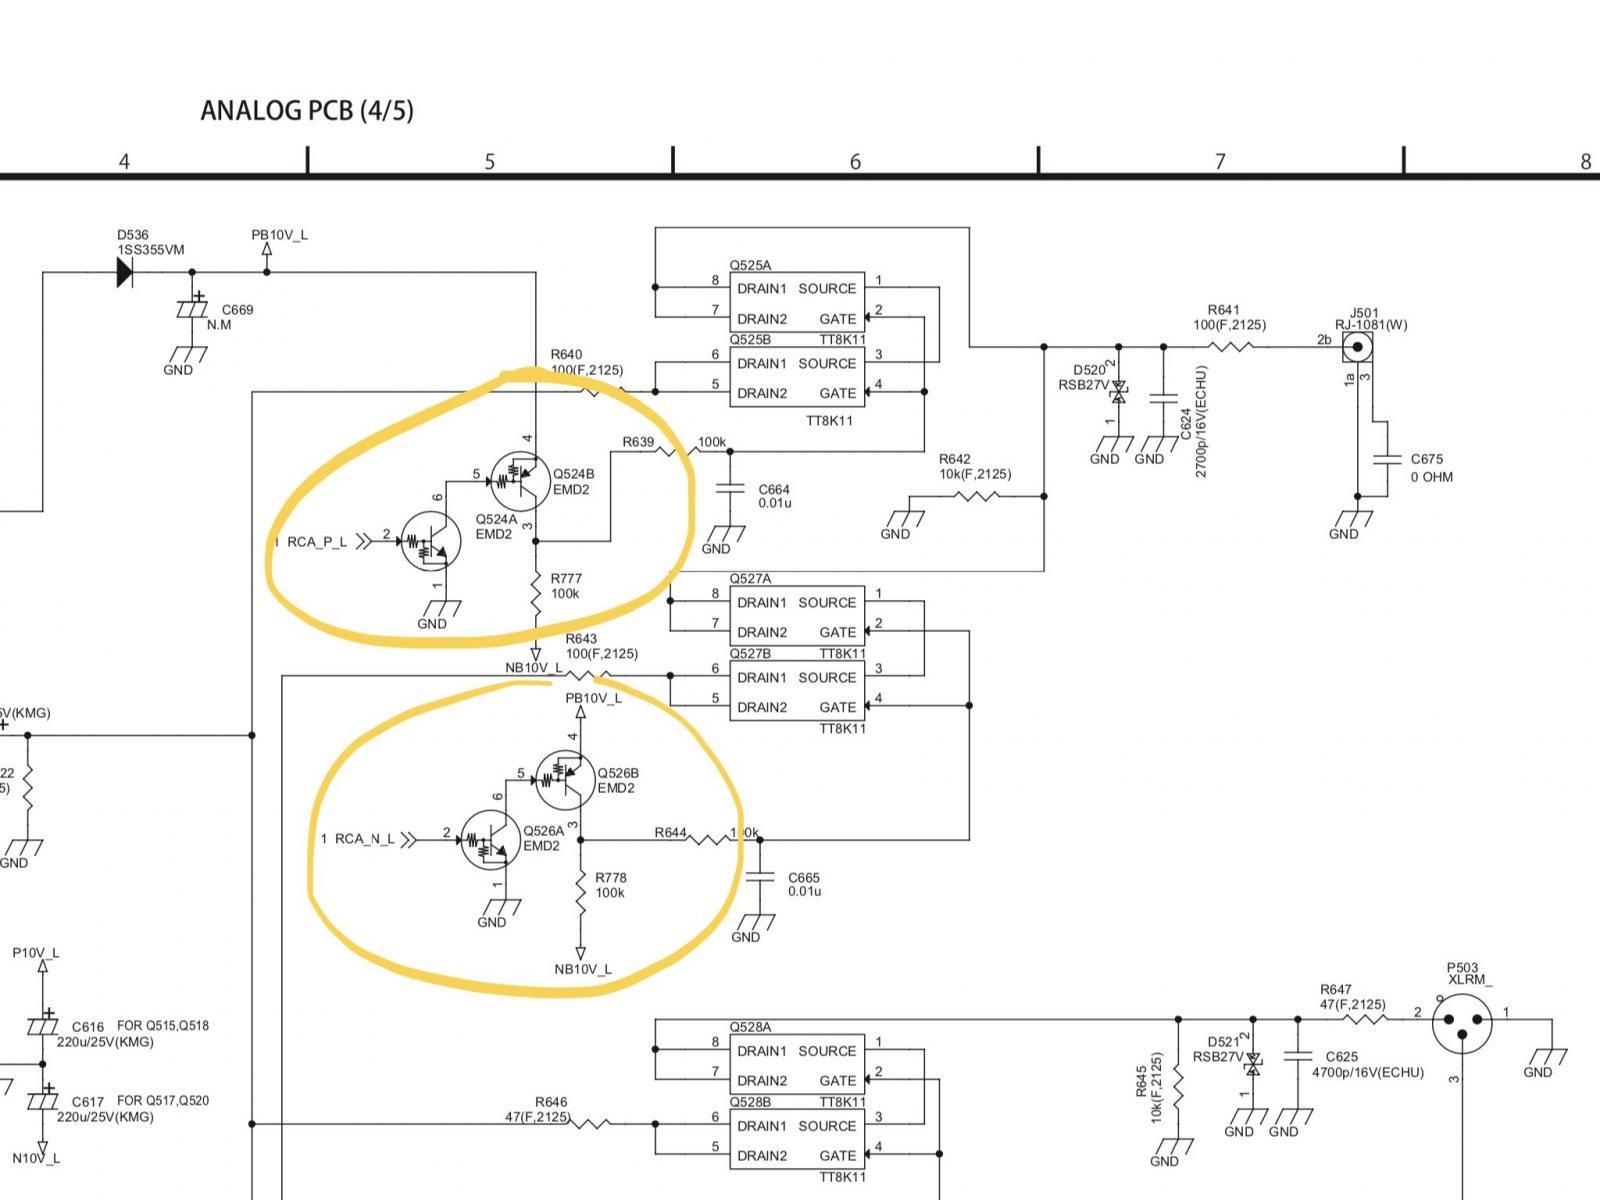 91F050AA-31F3-4CDE-9D73-09B0C97991F8.thumb.jpeg.86776f0f95bc13efbf01c028cd3c5b2b.jpeg